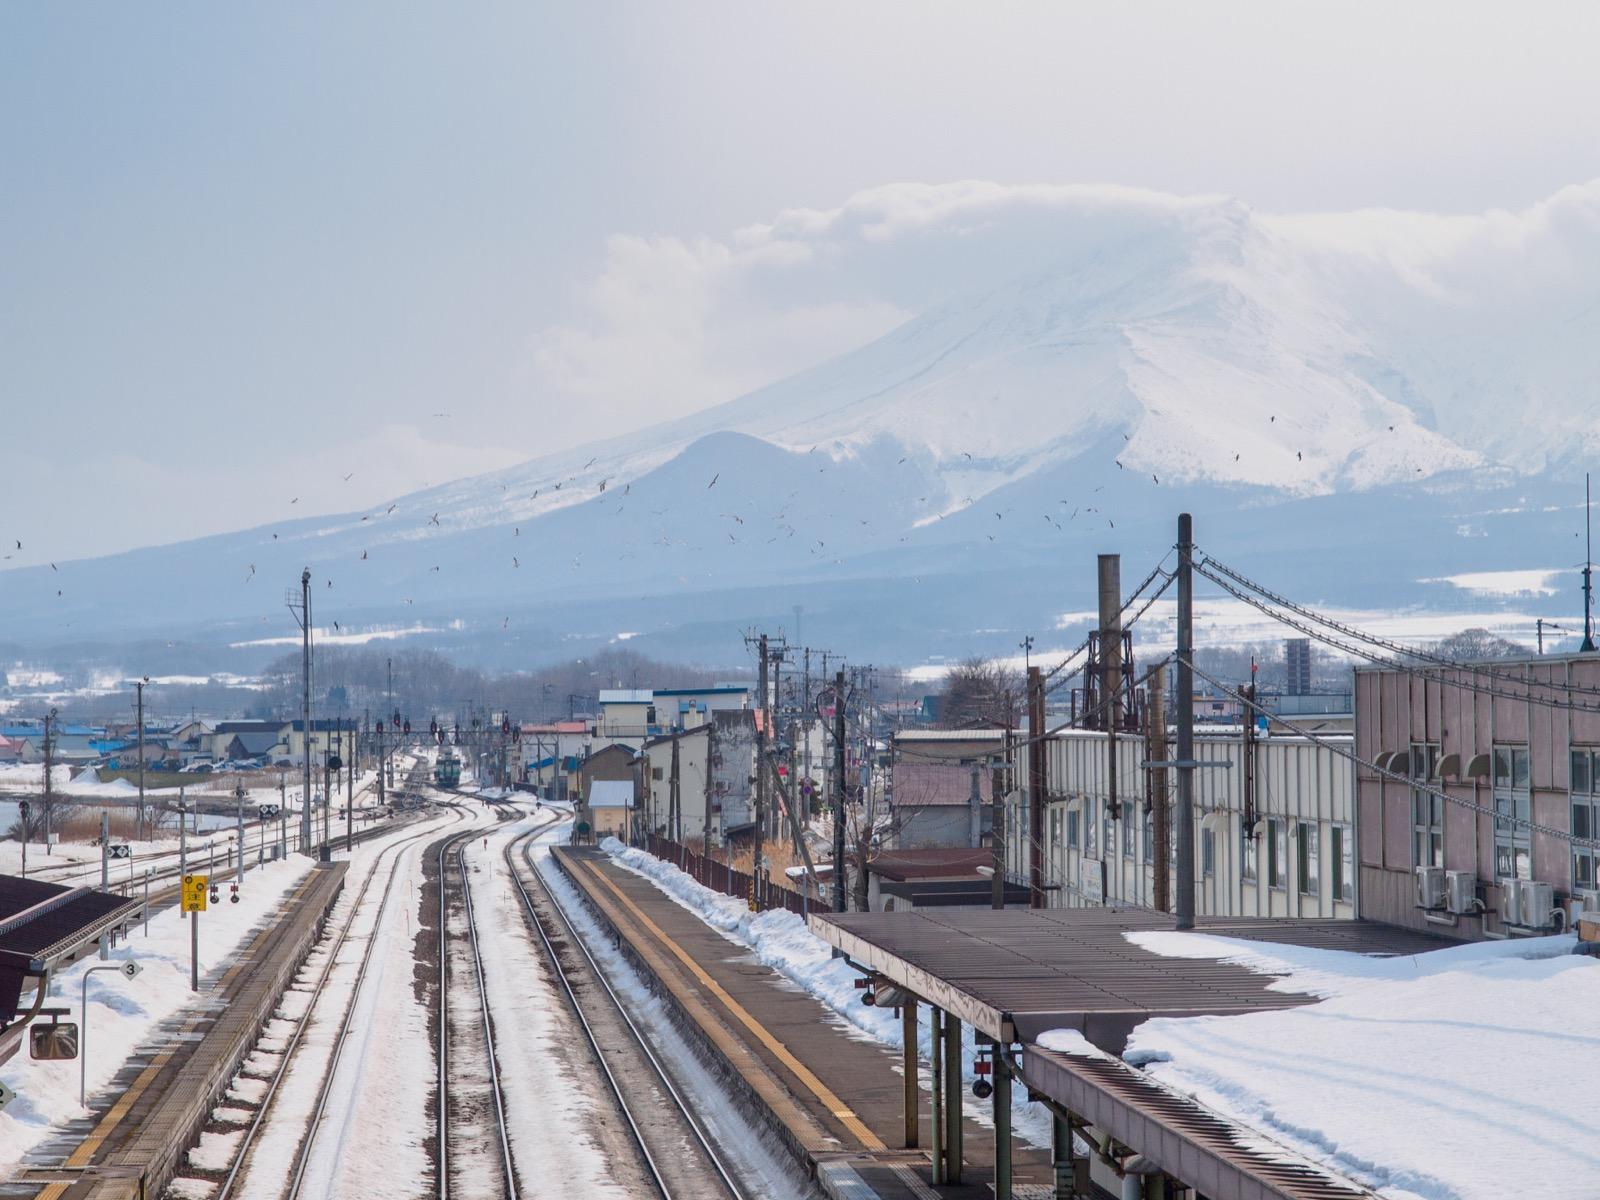 森駅の跨線橋から見た北海道駒ヶ岳